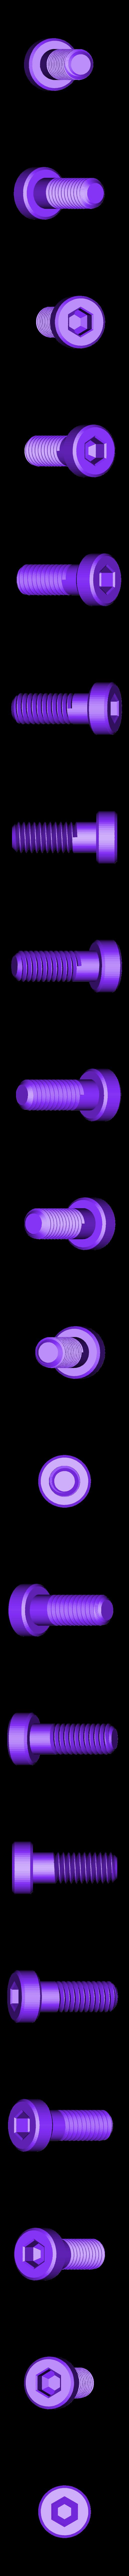 screw_M6x20.stl Télécharger fichier STL gratuit coupe-bouteilles en plastique avec roulements • Plan pour imprimante 3D, SiberK